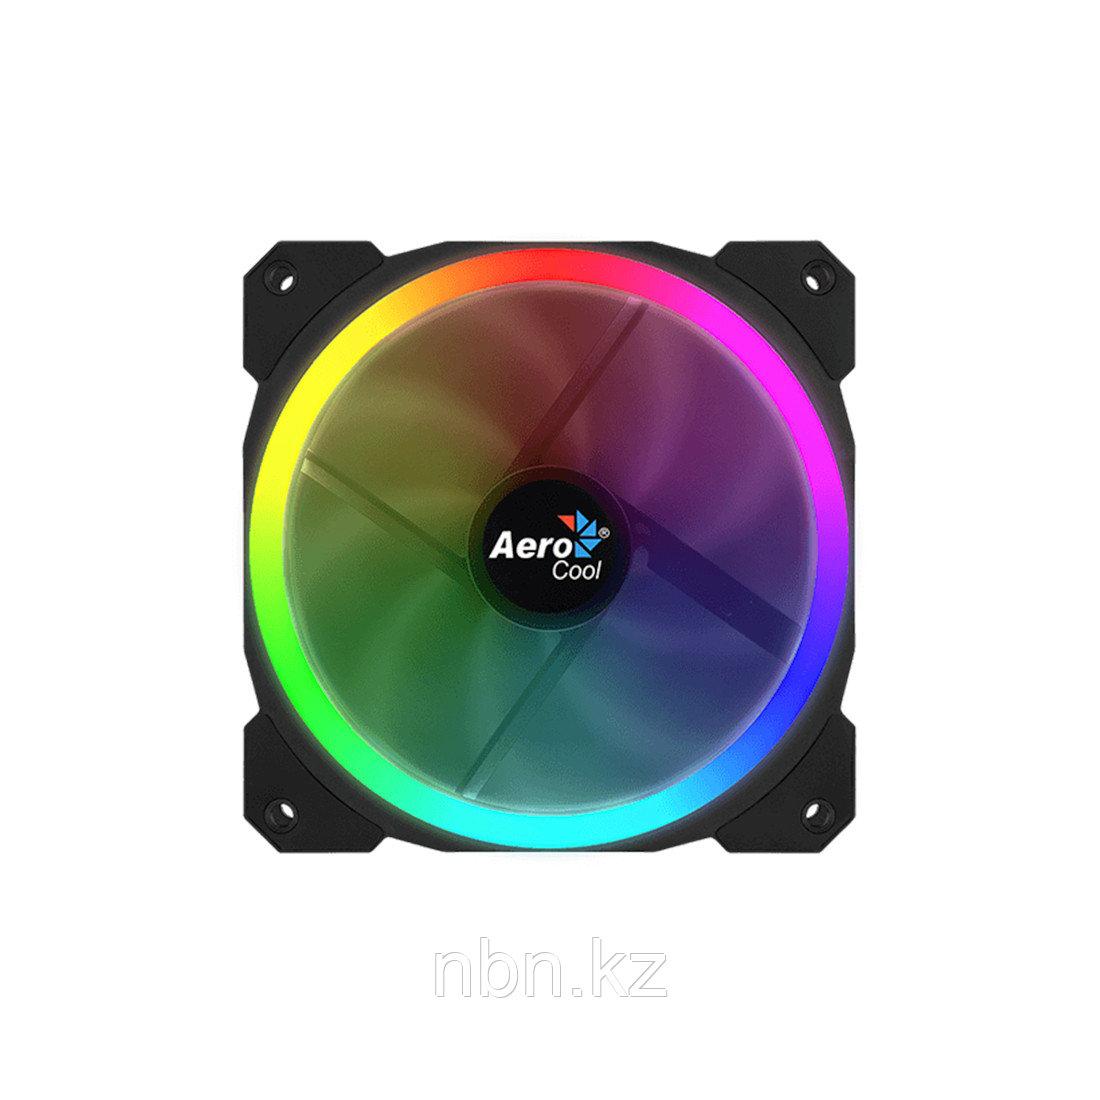 Кулер для компьютерного корпуса AeroCool Orbit 12см RGB